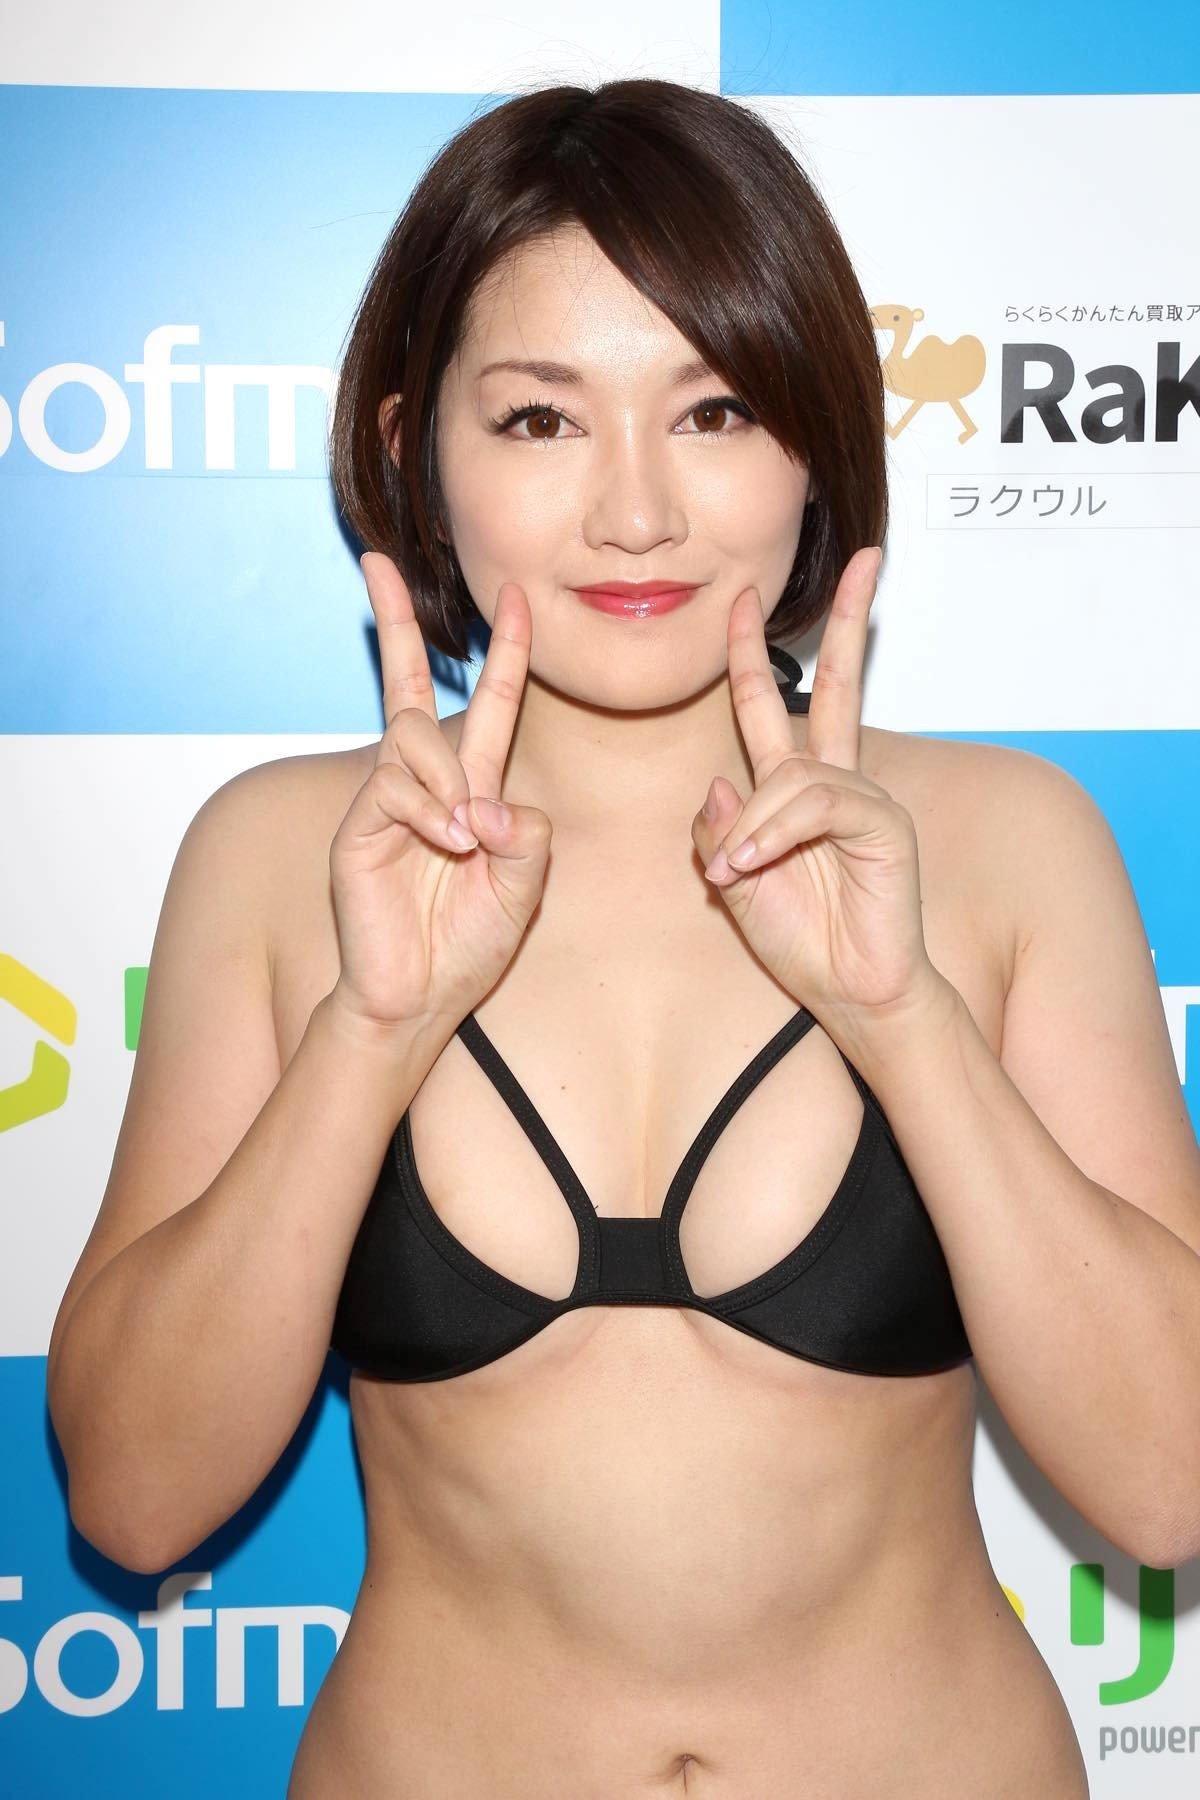 多田あさみ「赤い下着でイチャイチャ」お風呂で洗いっこにも挑戦!【画像39枚】の画像017